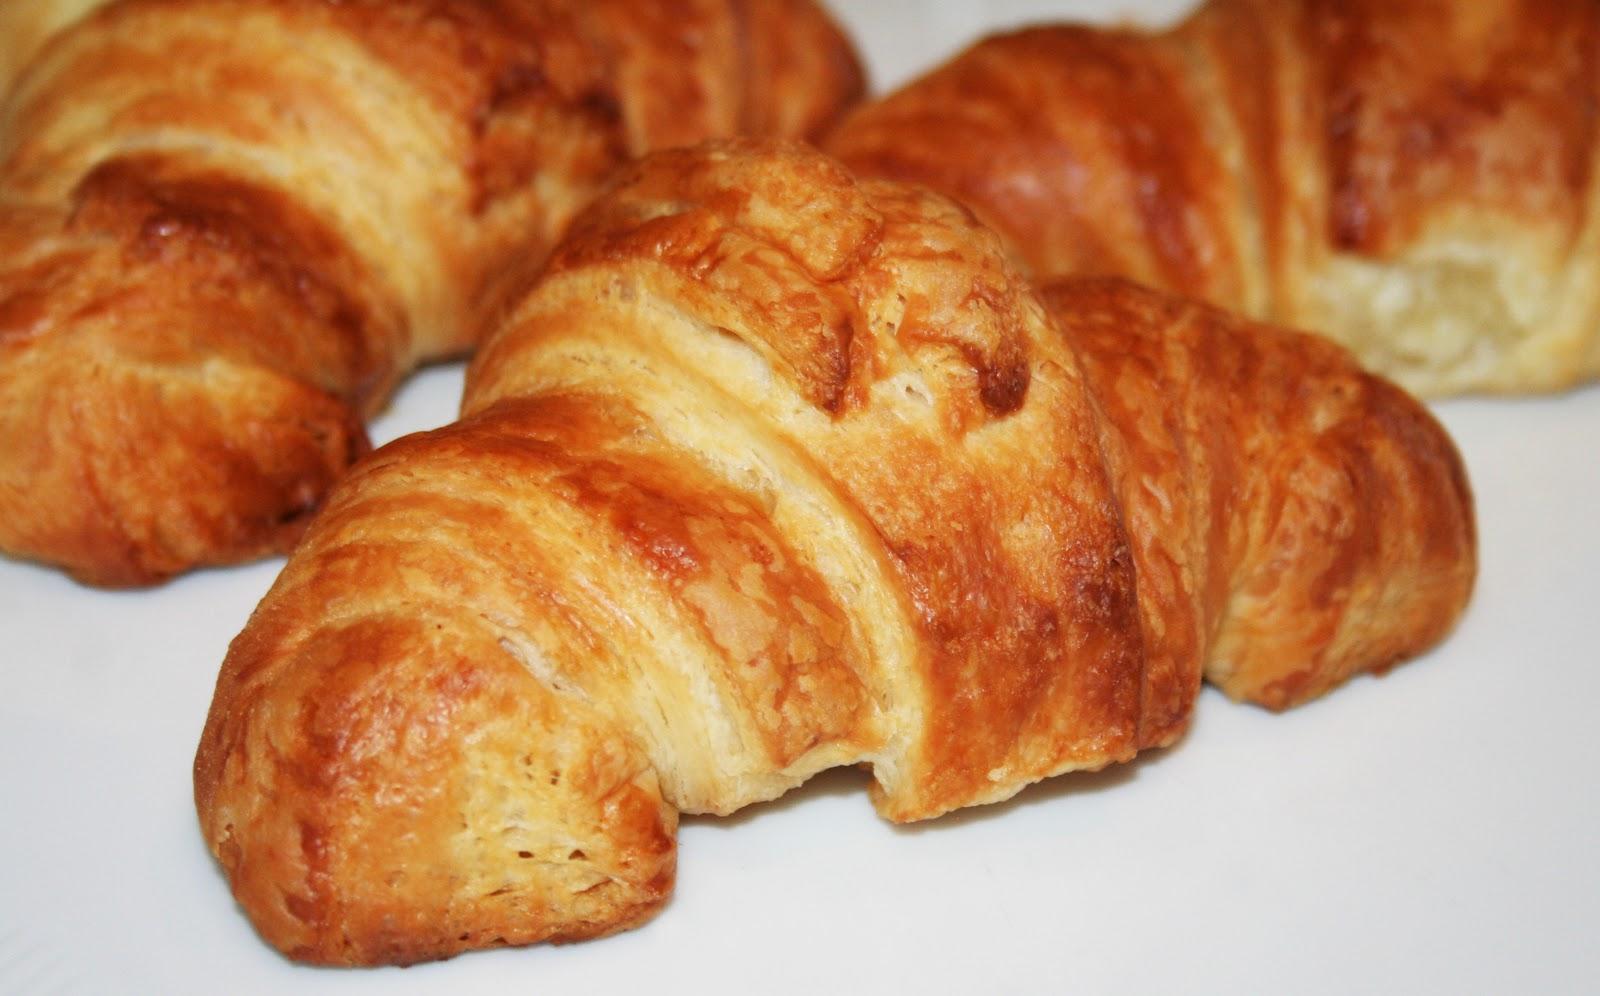 La cuisine de bernard croissants pur beurre - Recette croissant au beurre ...